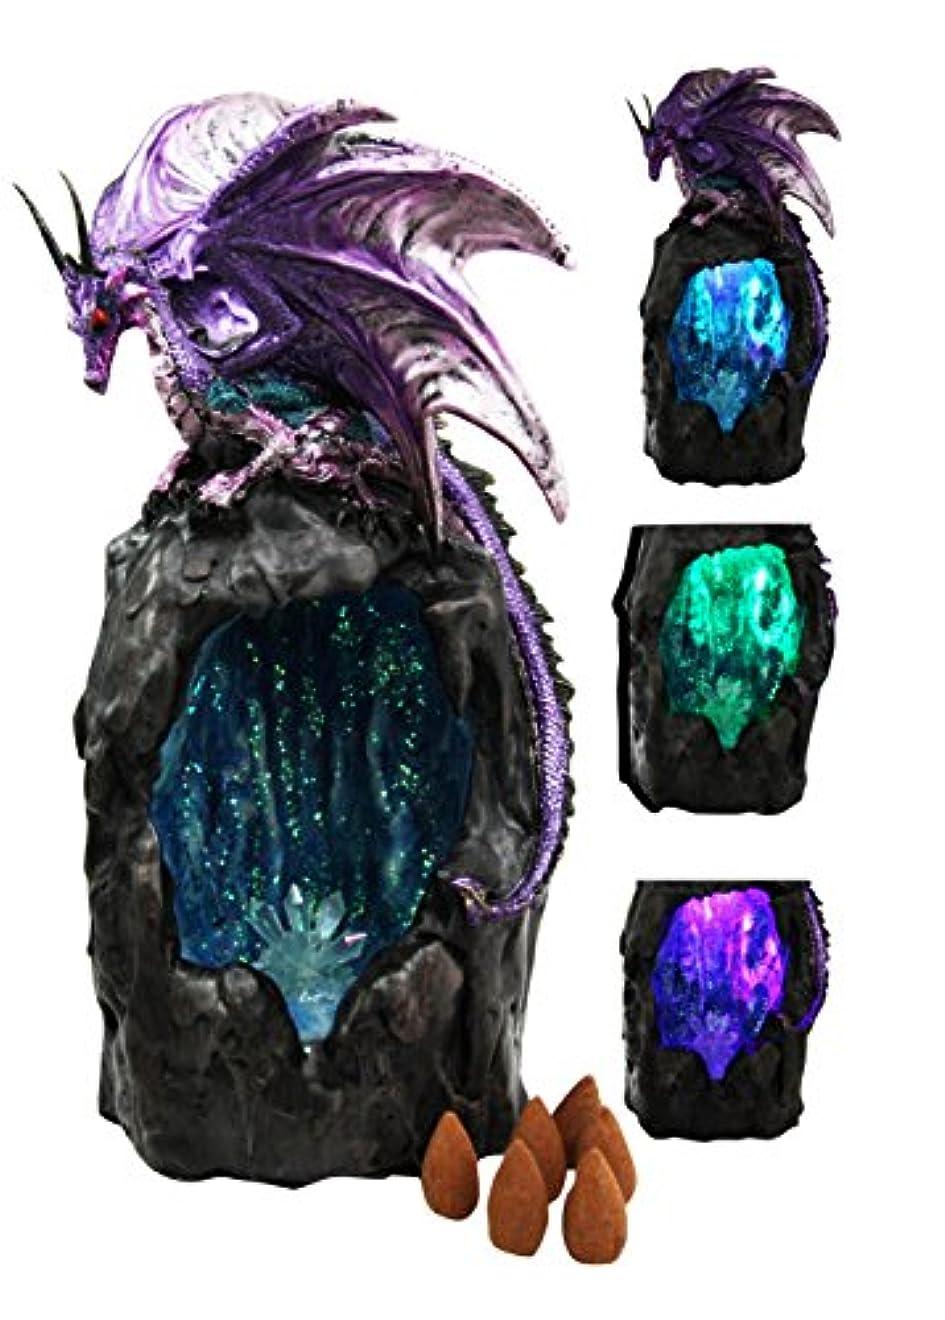 広告する唯物論皿パープルAzurite Quartz Gemstone Dragon登山山Backflow Incense Burner Figurine Faux Stone